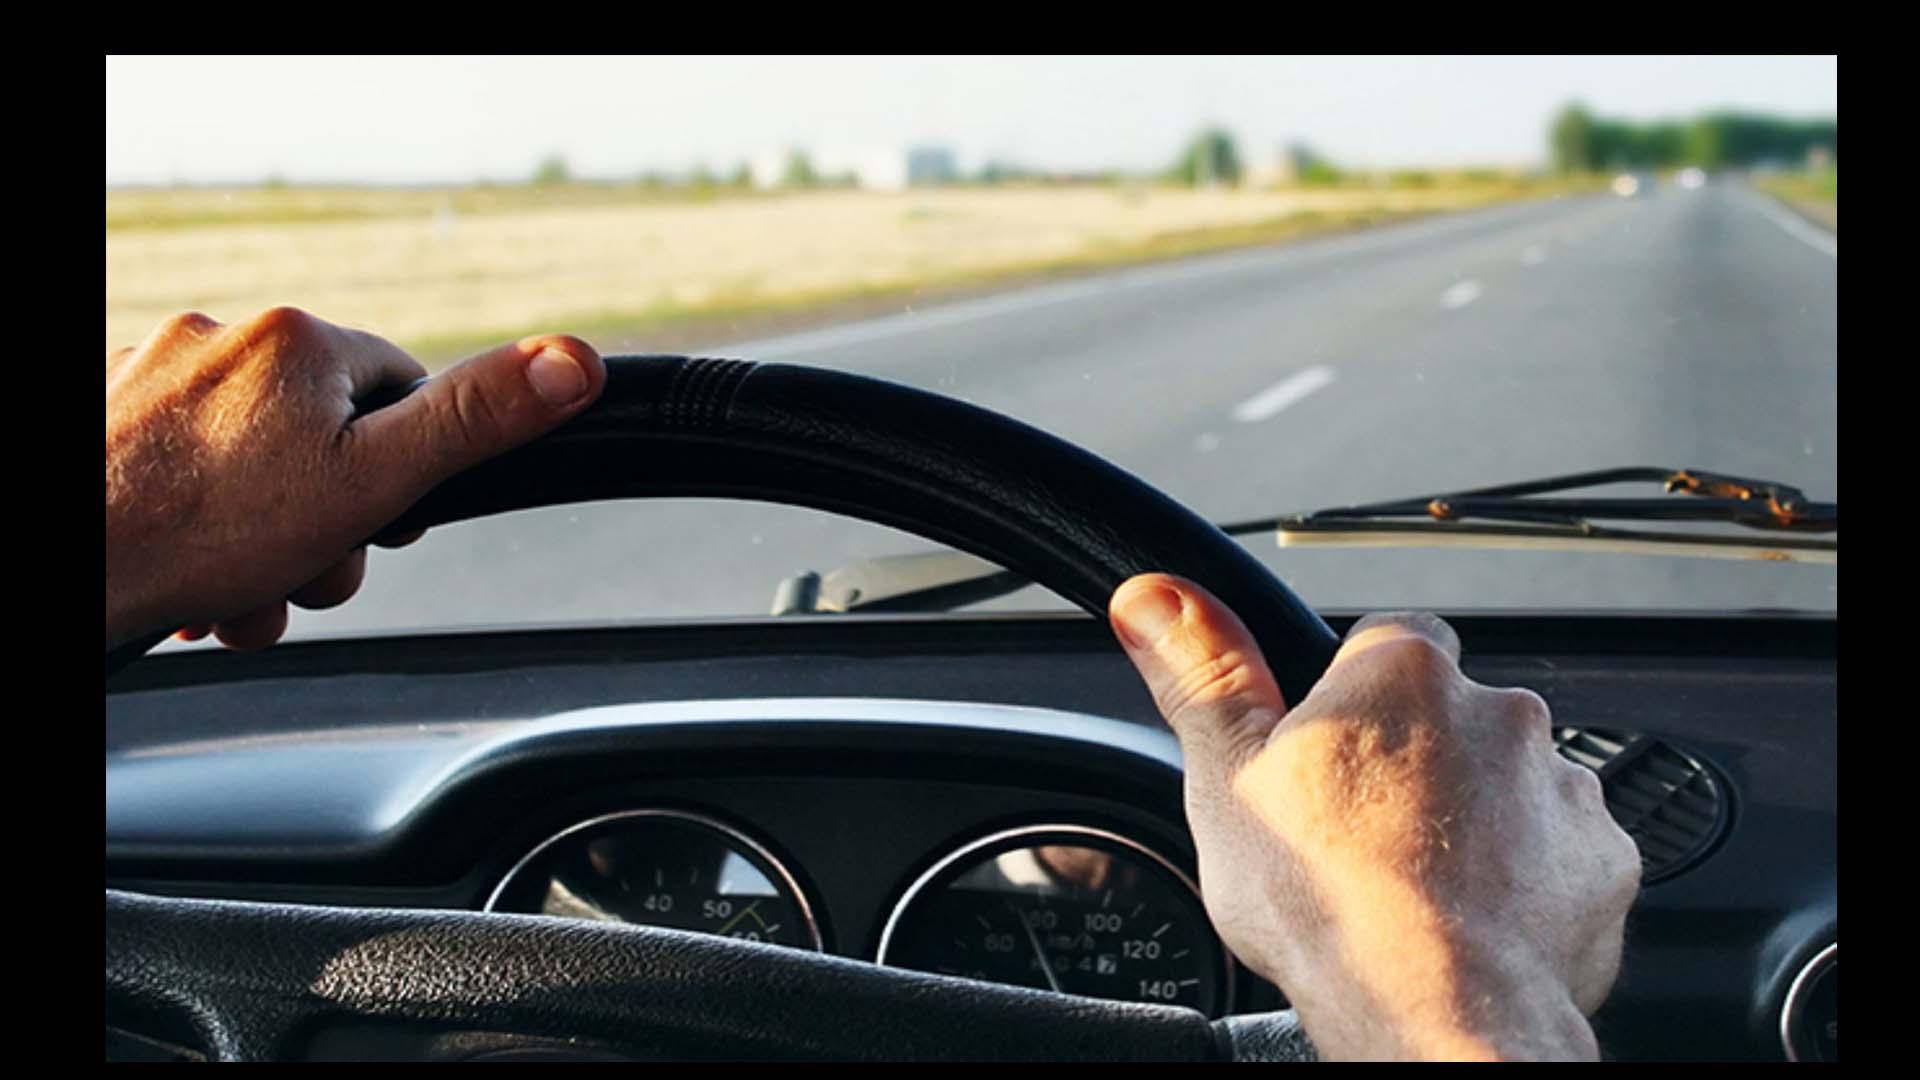 Emergencias al volante ¿cómo reaccionar?